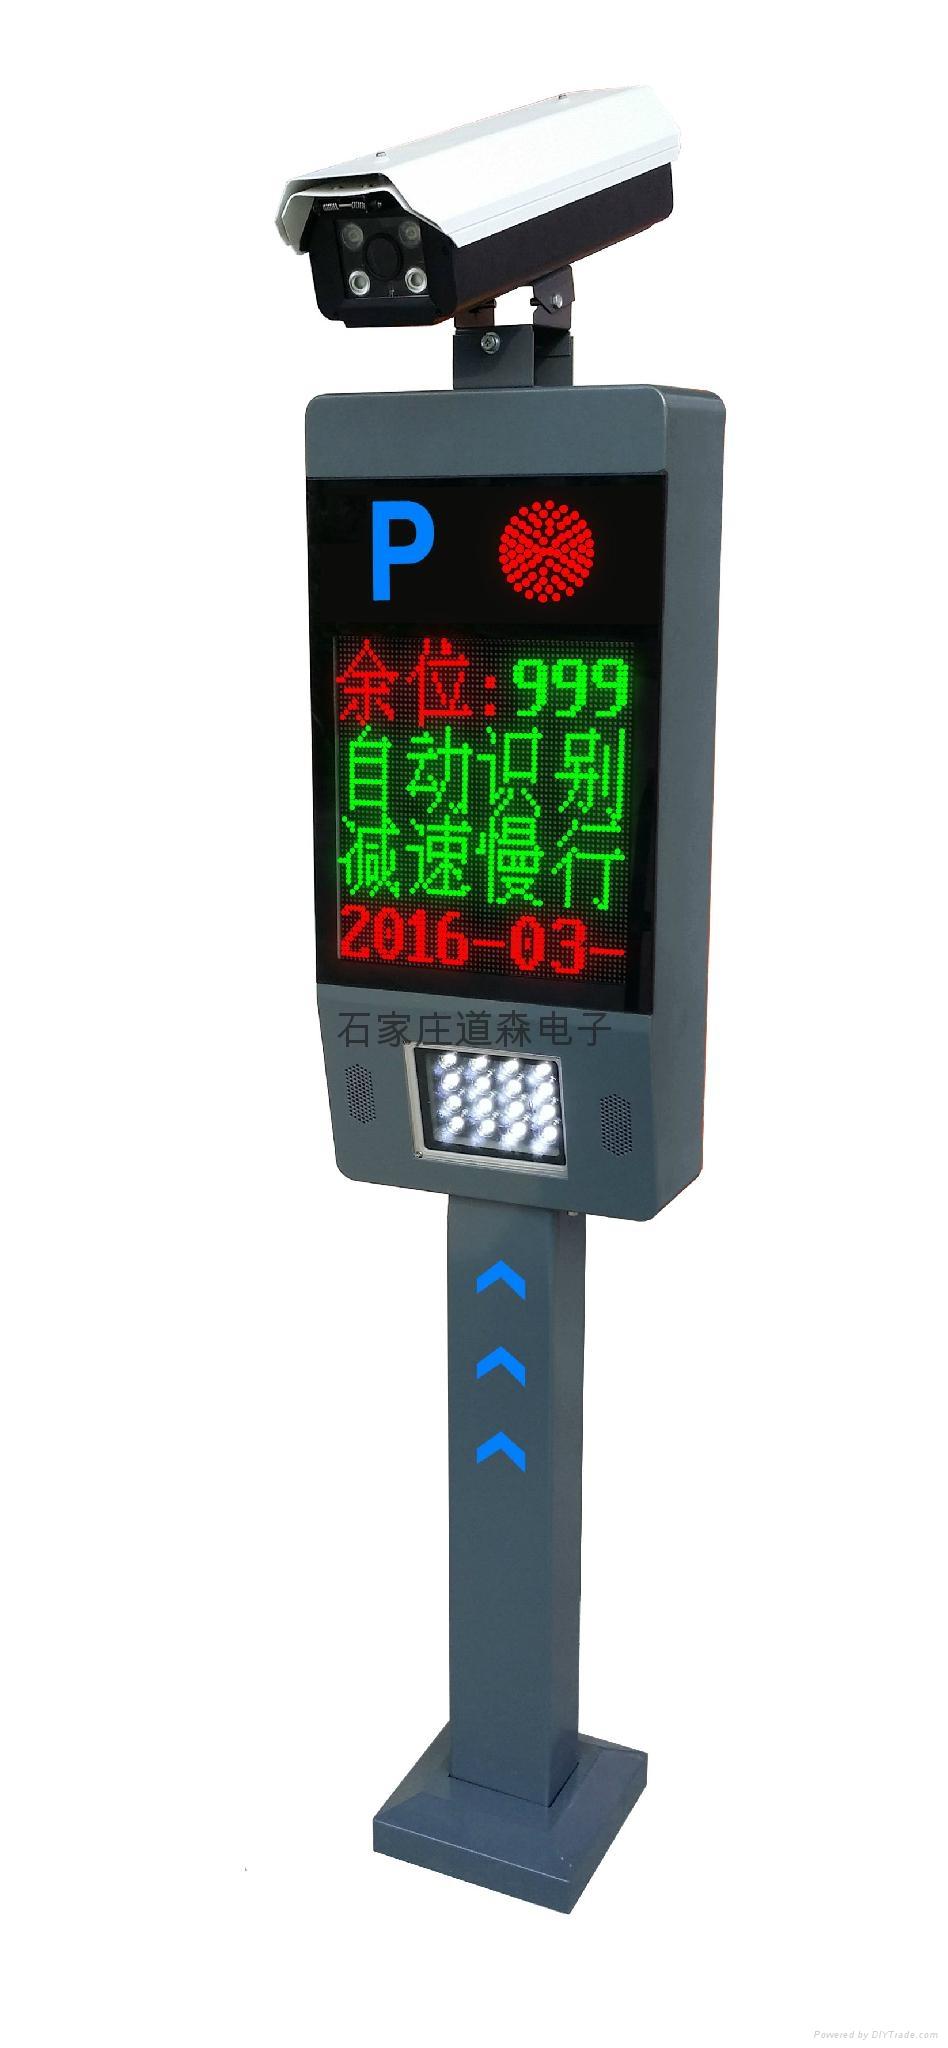 石家莊高清車牌自助識別停車場系統 3